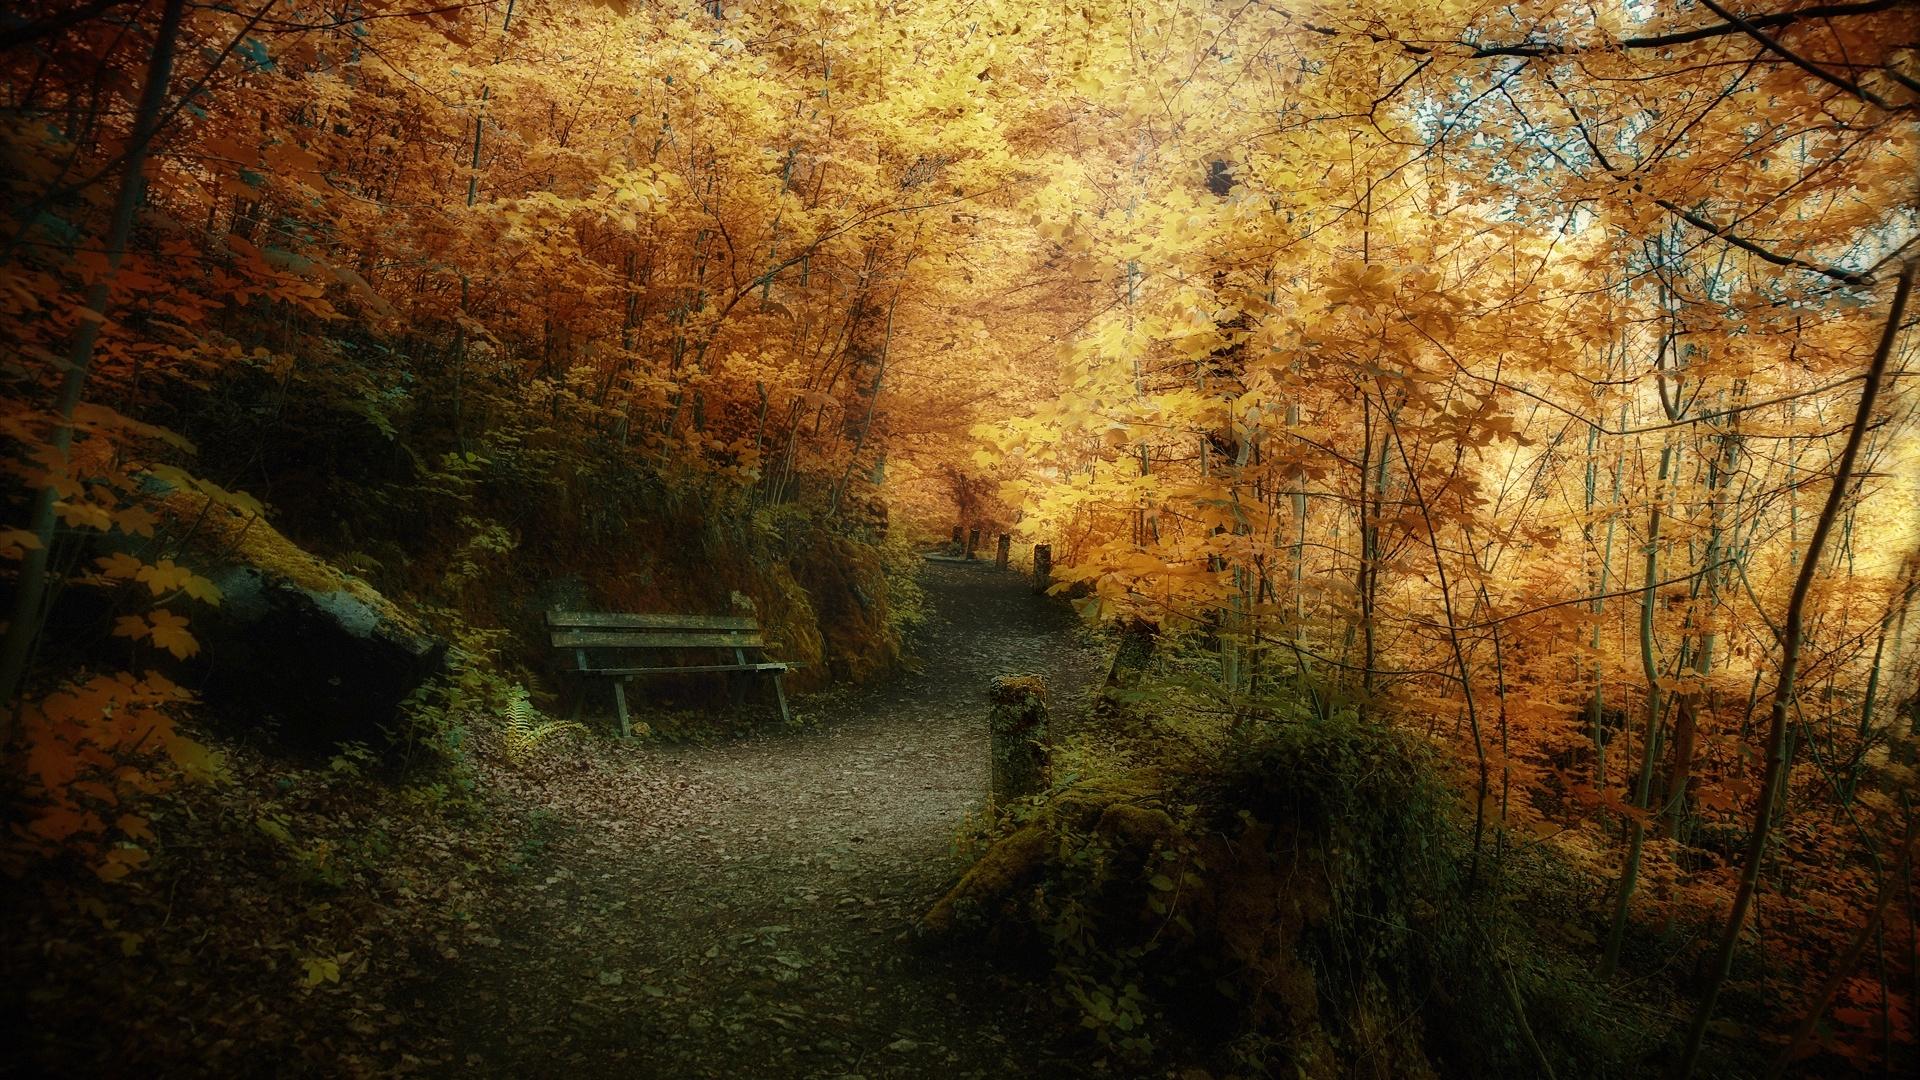 24872 скачать обои Пейзаж, Деревья, Дороги, Осень - заставки и картинки бесплатно